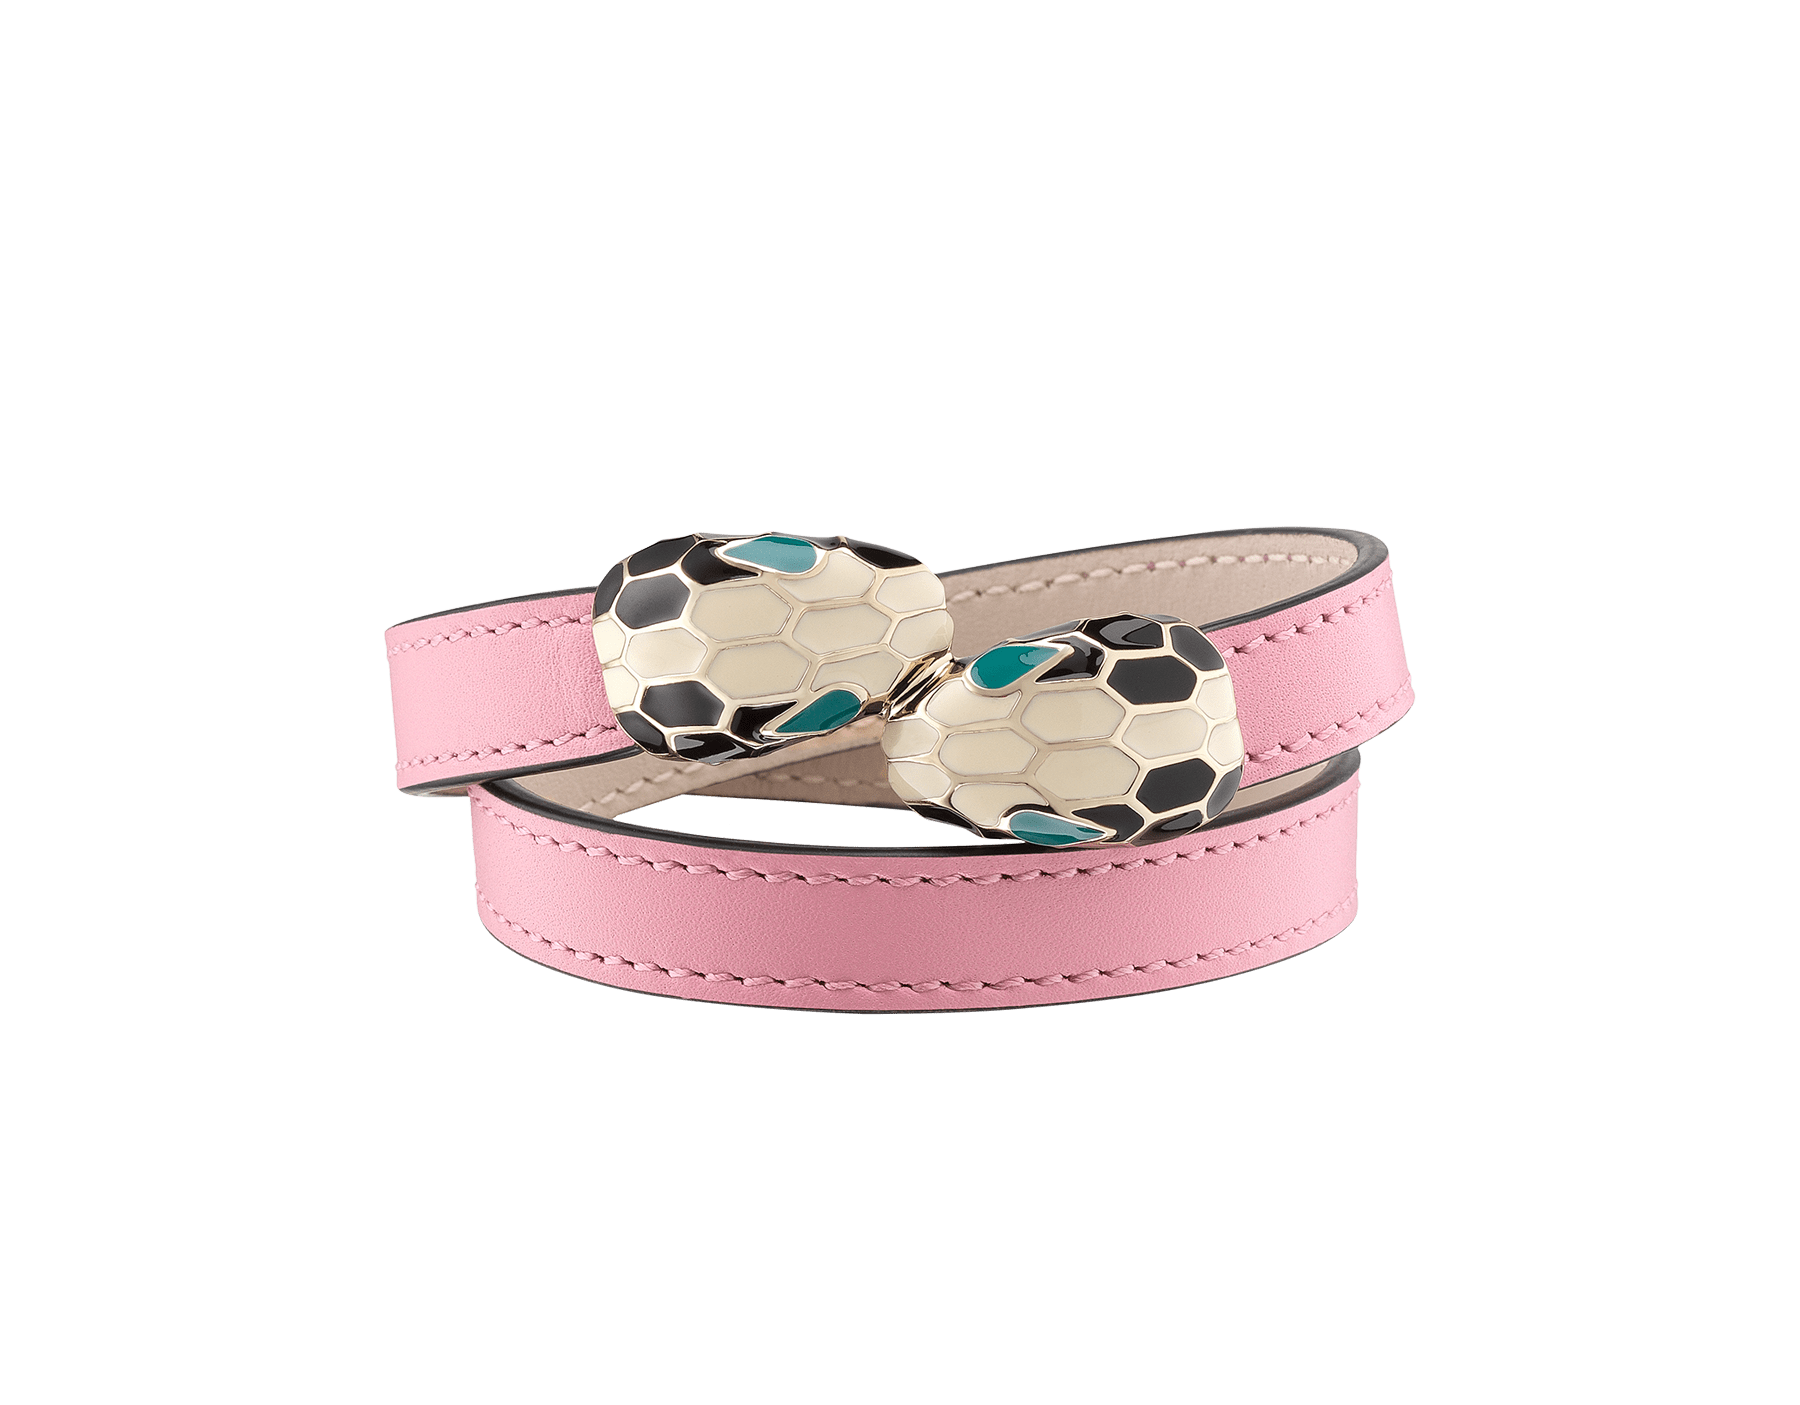 """Mehrfach geschwungenes """"Serpenti Forever"""" Armband aus rosafarbenem Kalbsleder mit Metall-Elementen aus hell vergoldetem Messing. Ikonischer Dekor mit gegenüberliegenden Schlangenköpfen aus schwarzer und weißer Emaille mit Augen aus grüner Emaille. MCSerp-CL-FQ image 1"""